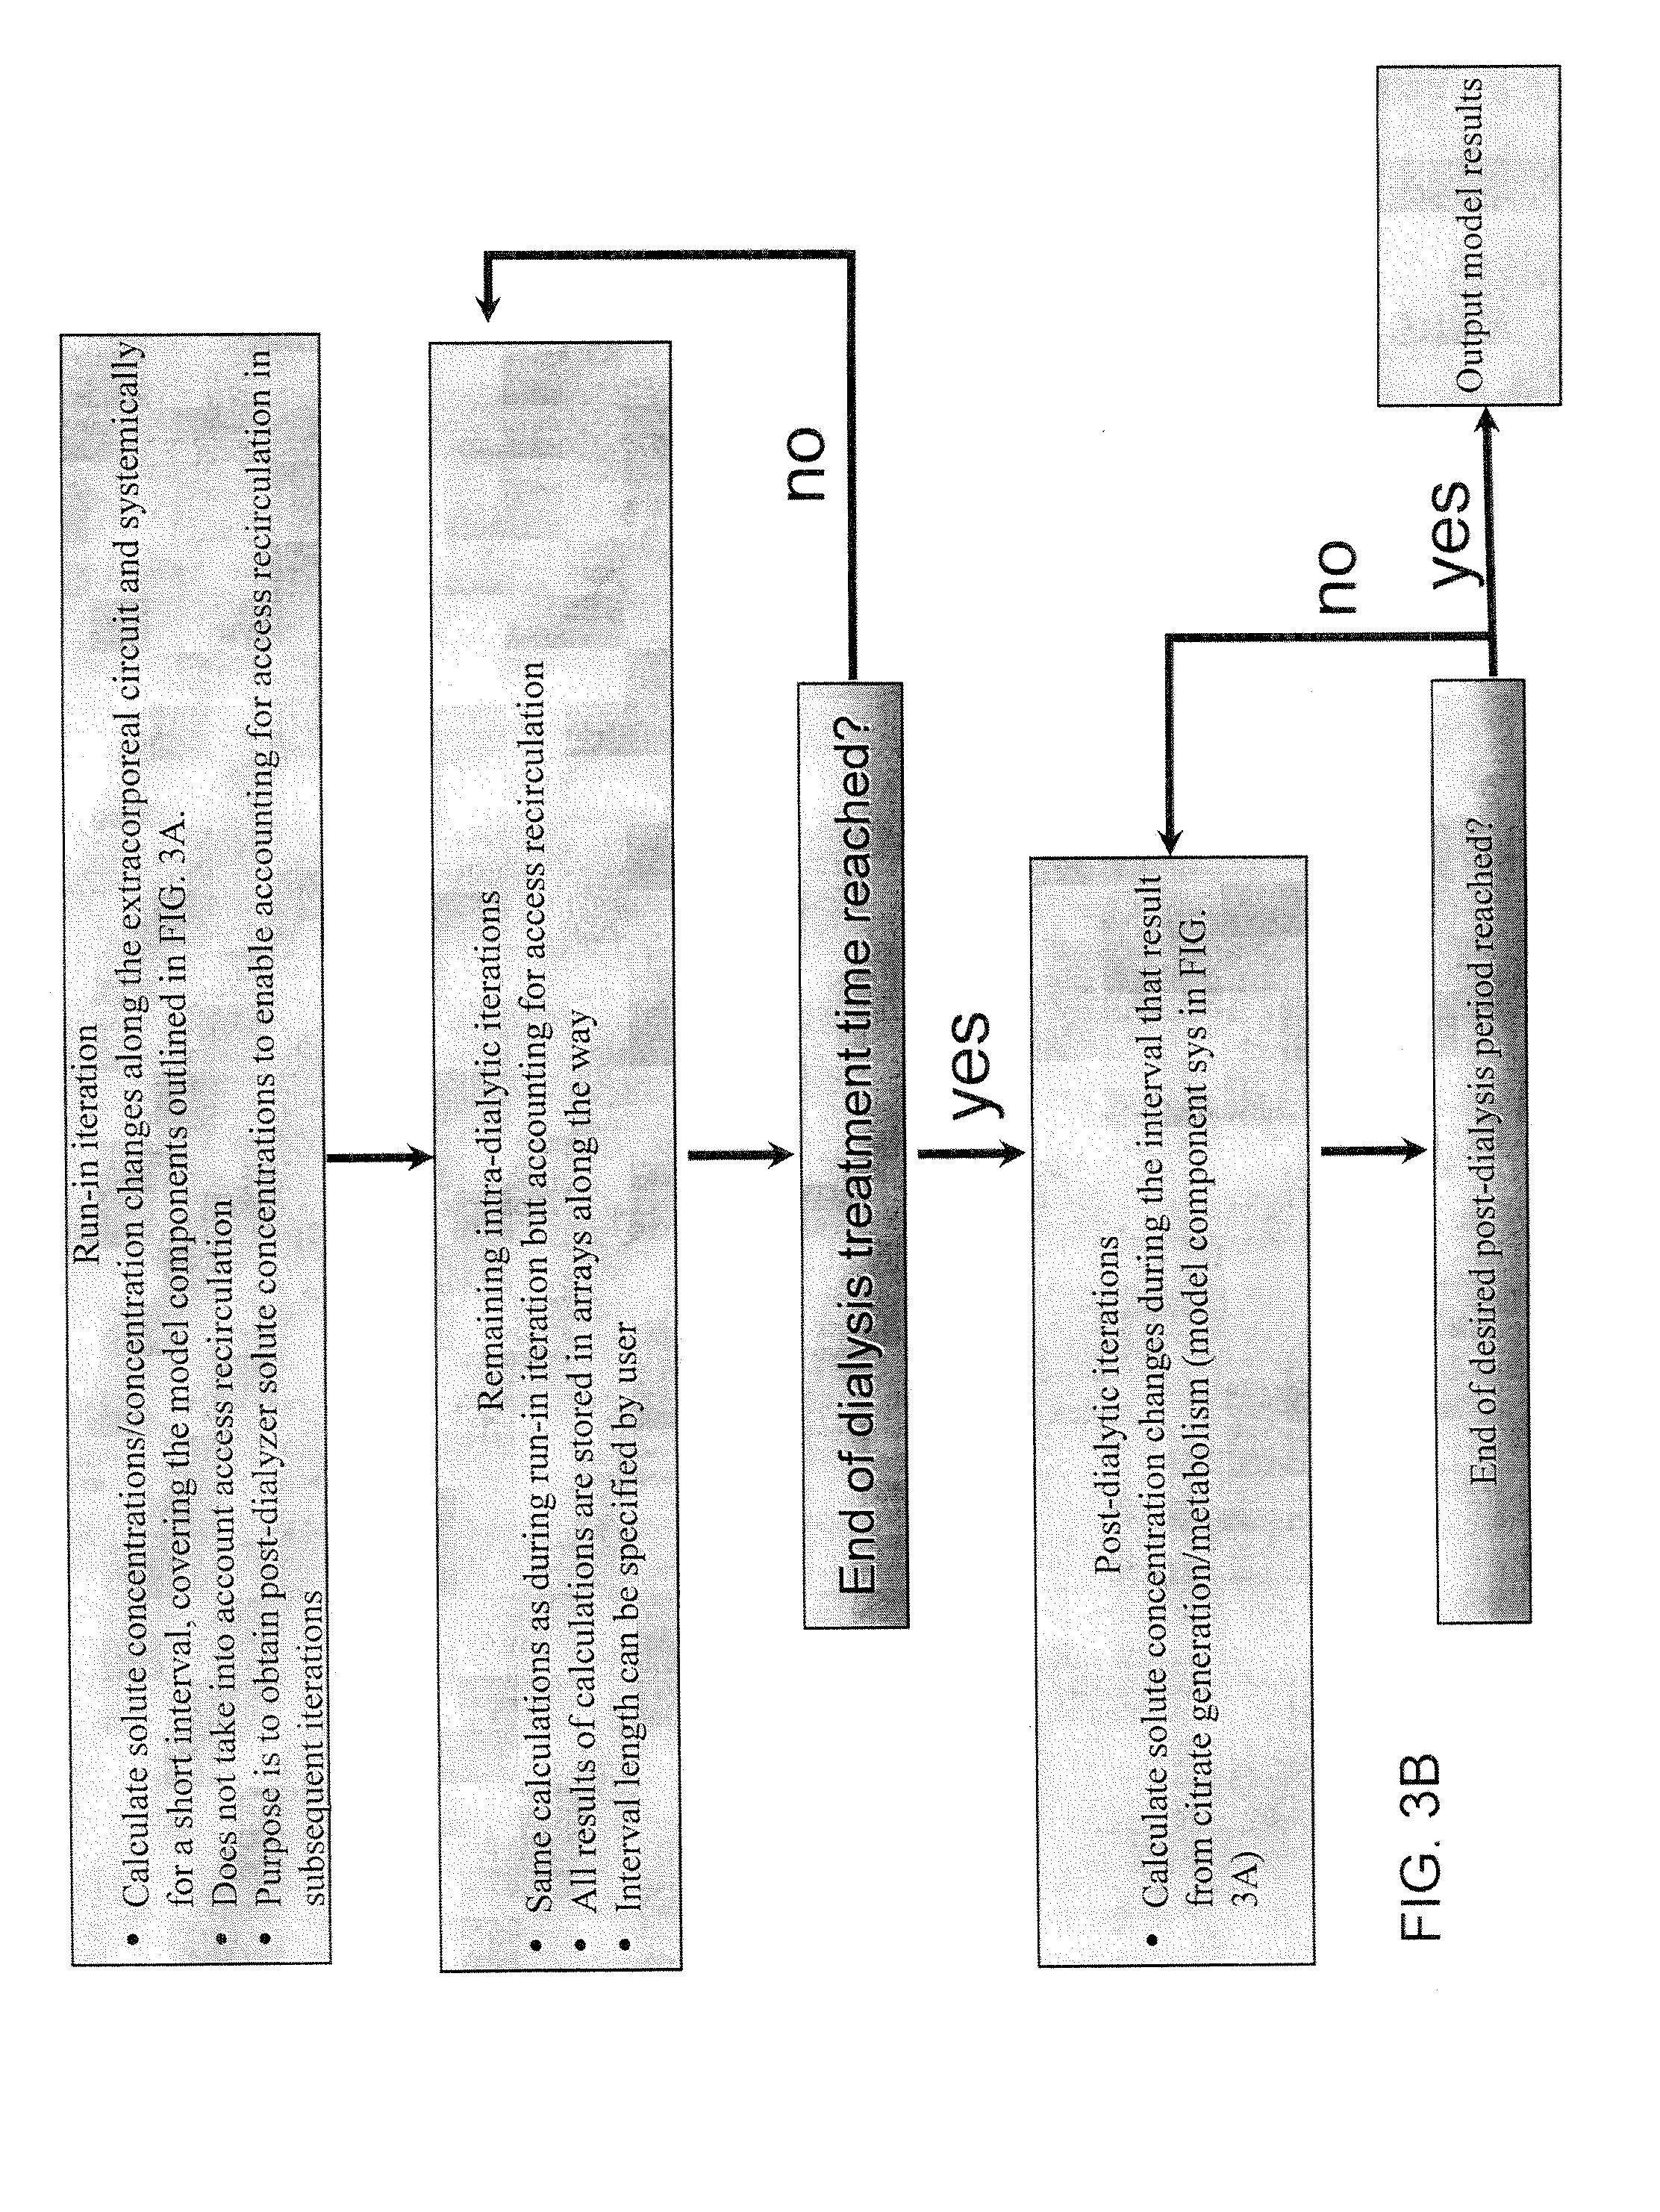 Patent US20110237996 - Methods of Regional Citrate Anticoagulation ...